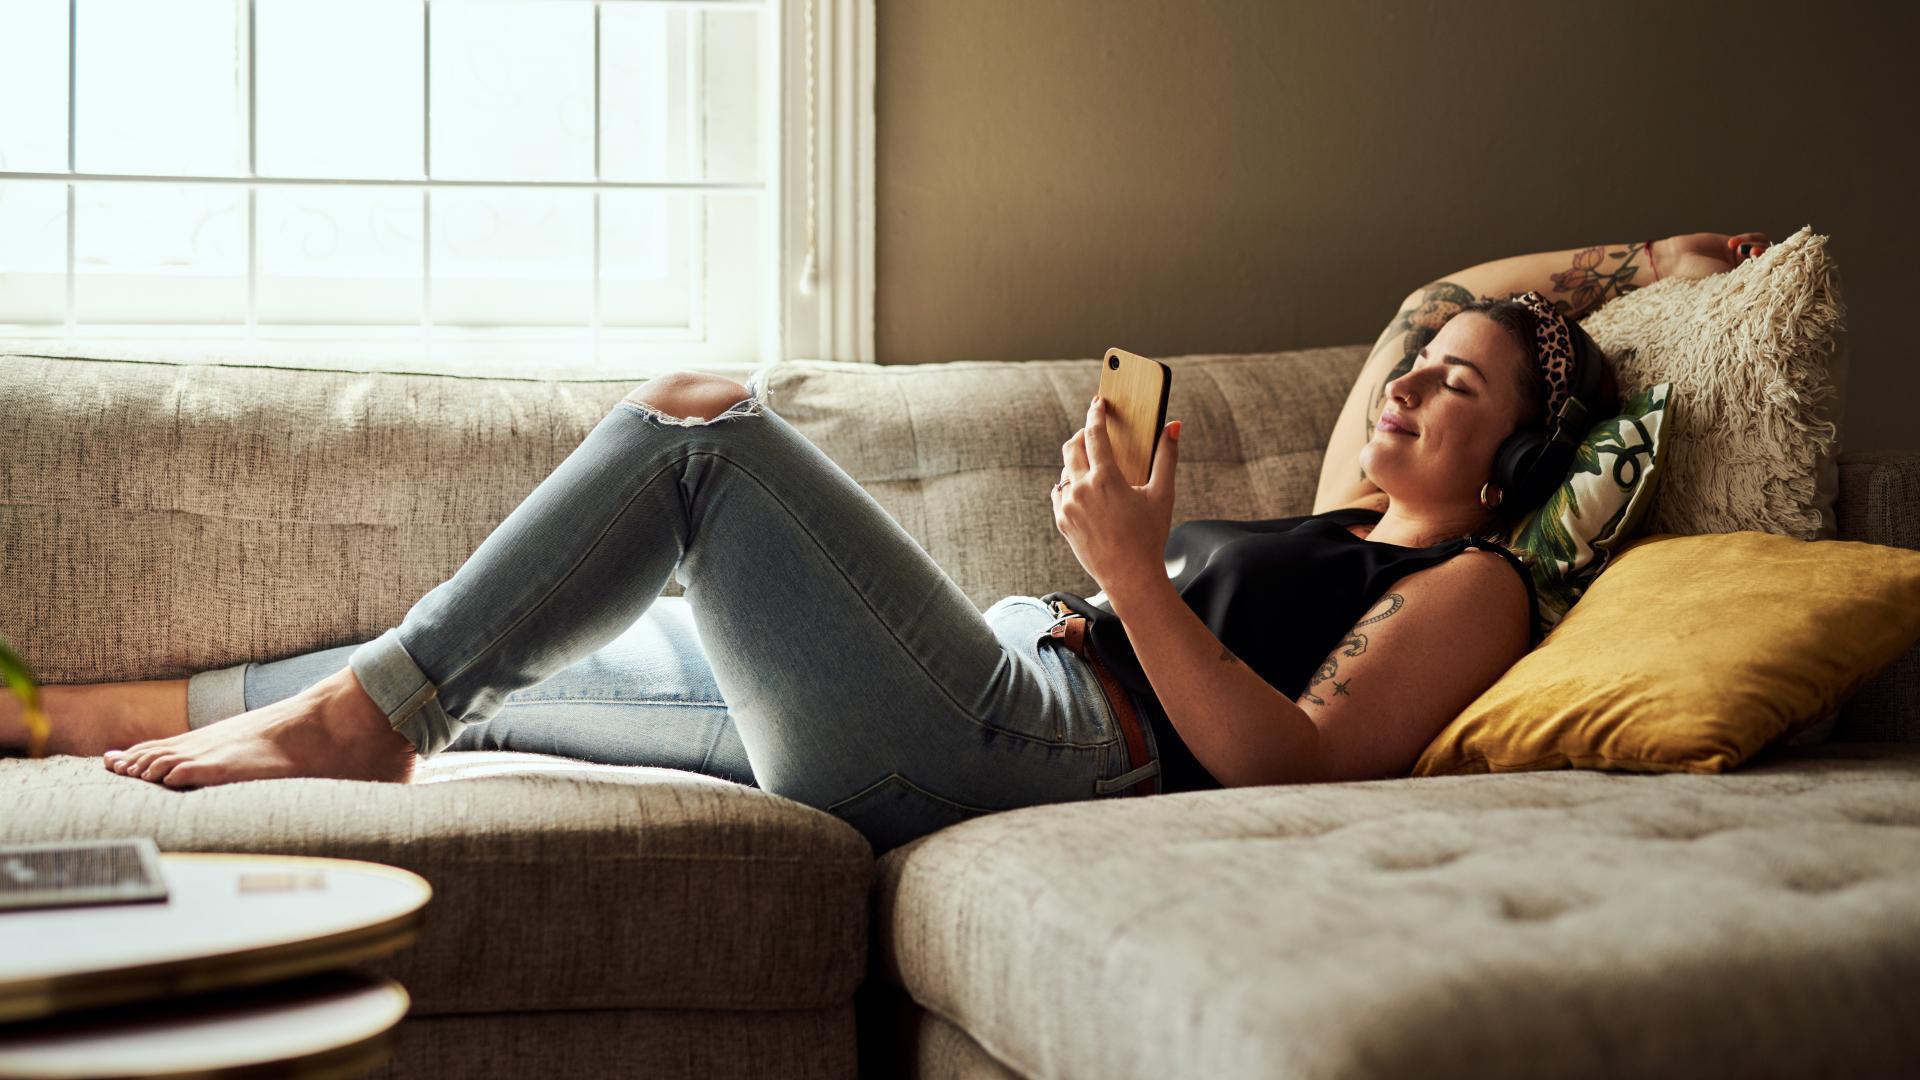 Frau entspannt am Handy liegt auf Sofa